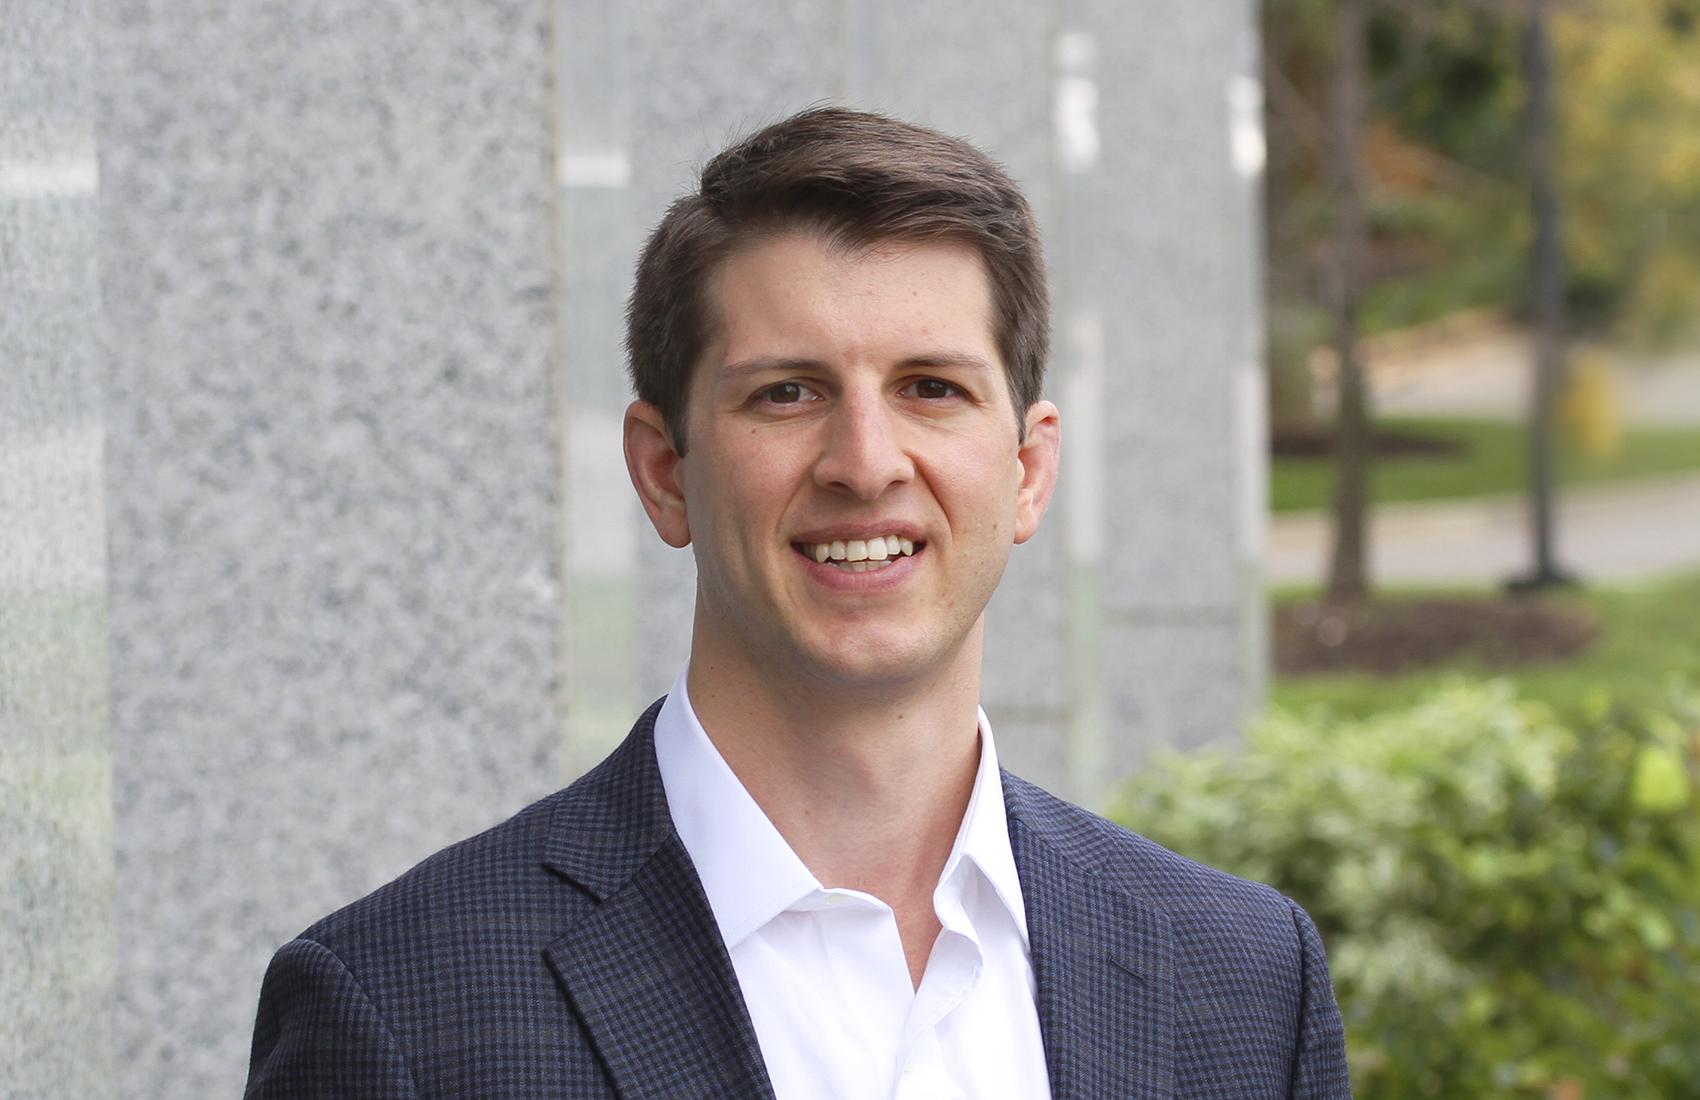 Andrew Scharf - Vice Presidentascharf@WILsquare.com(314) 548-0919